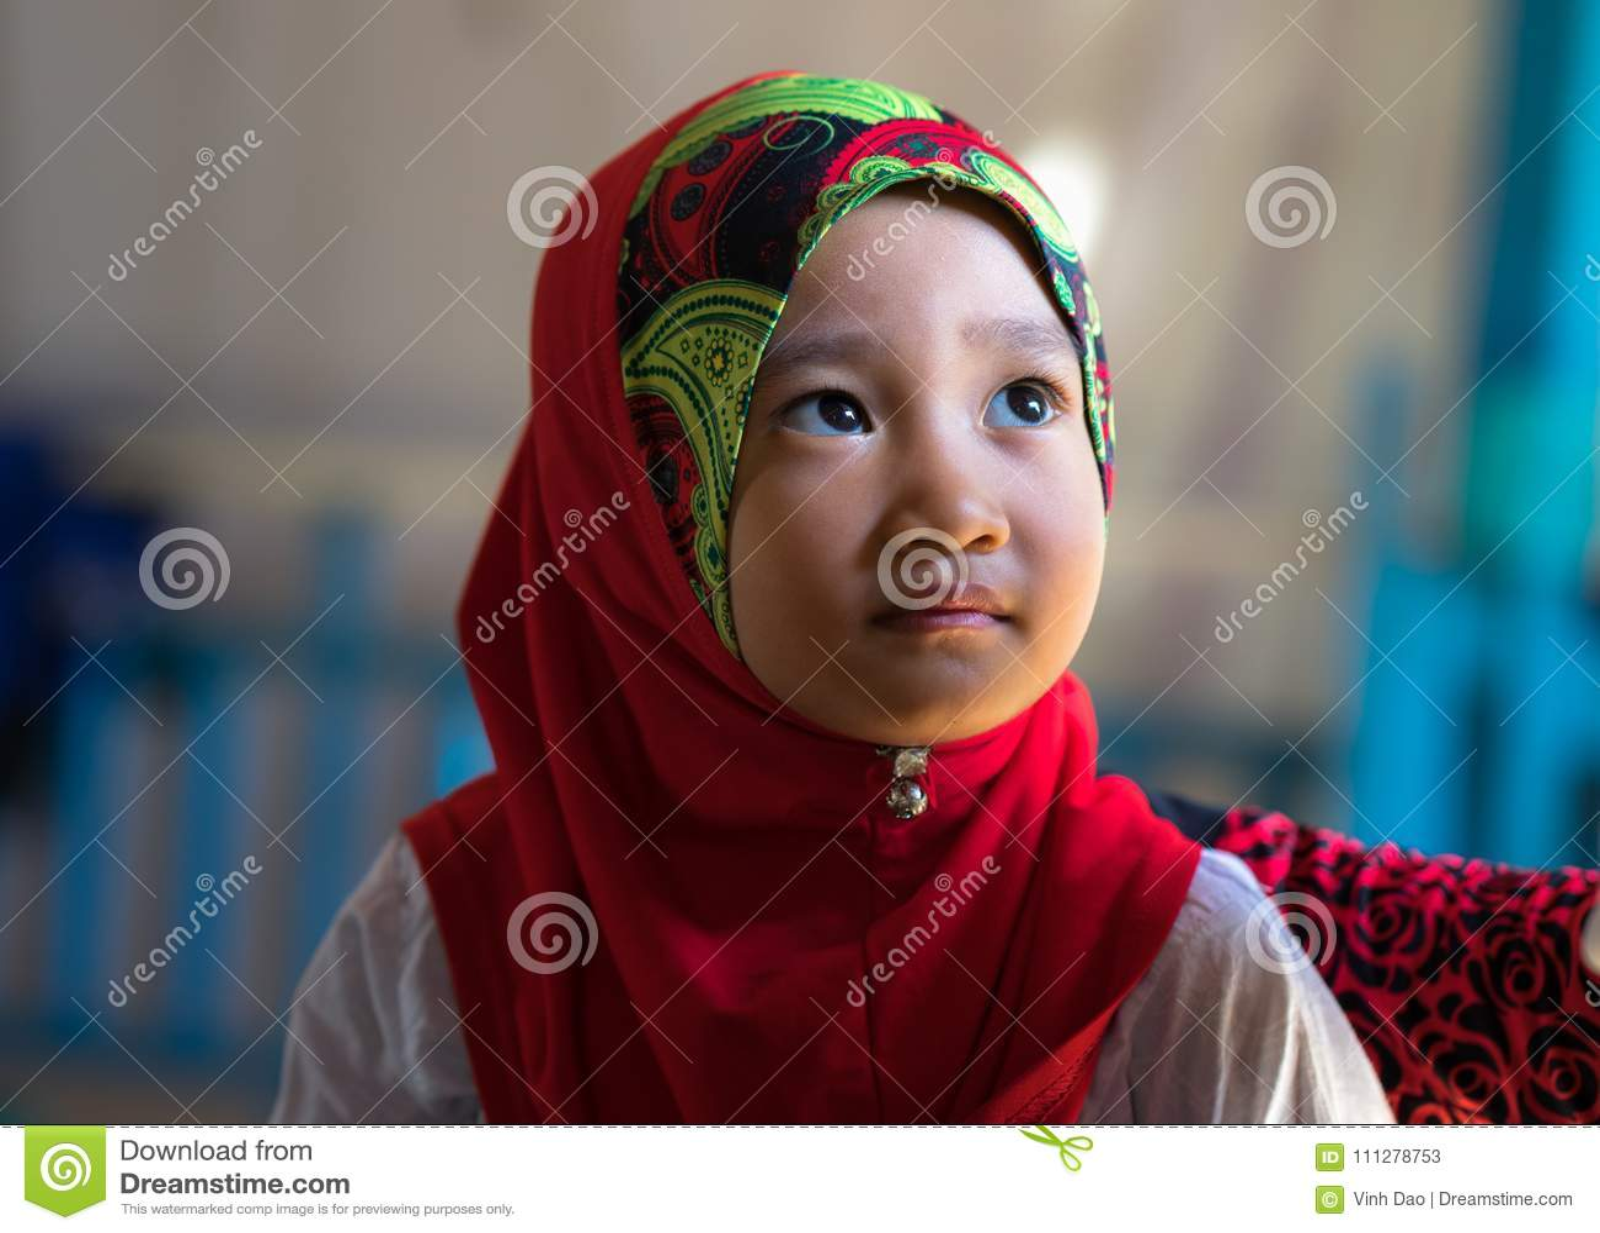 An Giang, Vietnam - 6 septembre 2016 : Portrait de la petite fille musulmane vietnamienne portant la robe rouge traditionnelle da